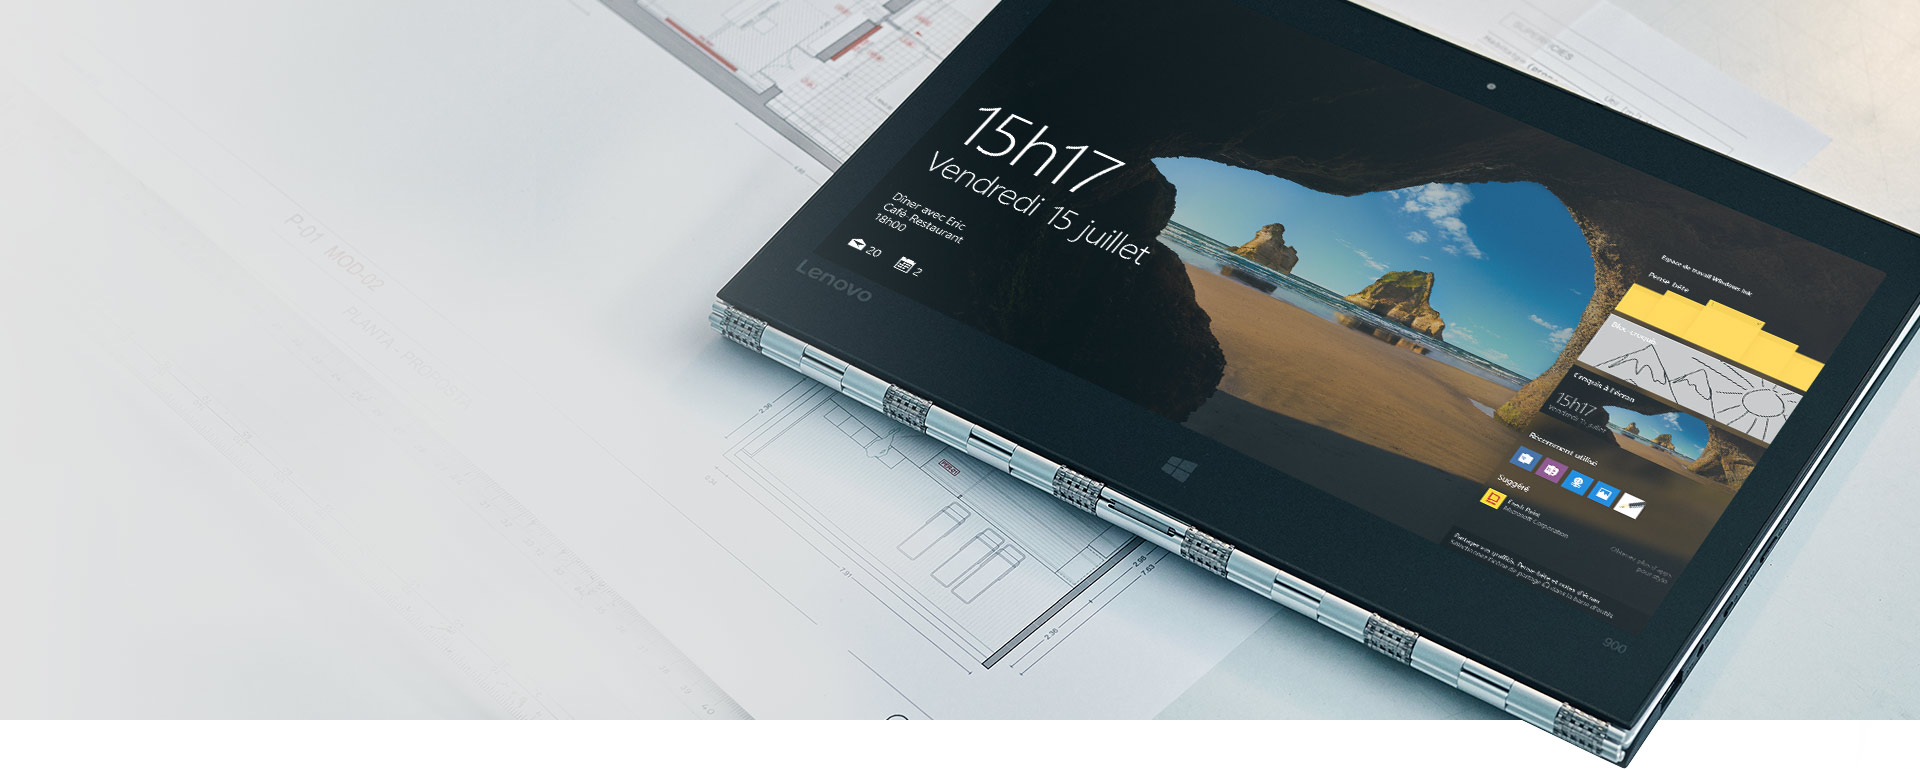 Écran de verrouillage d'un PC Windows10